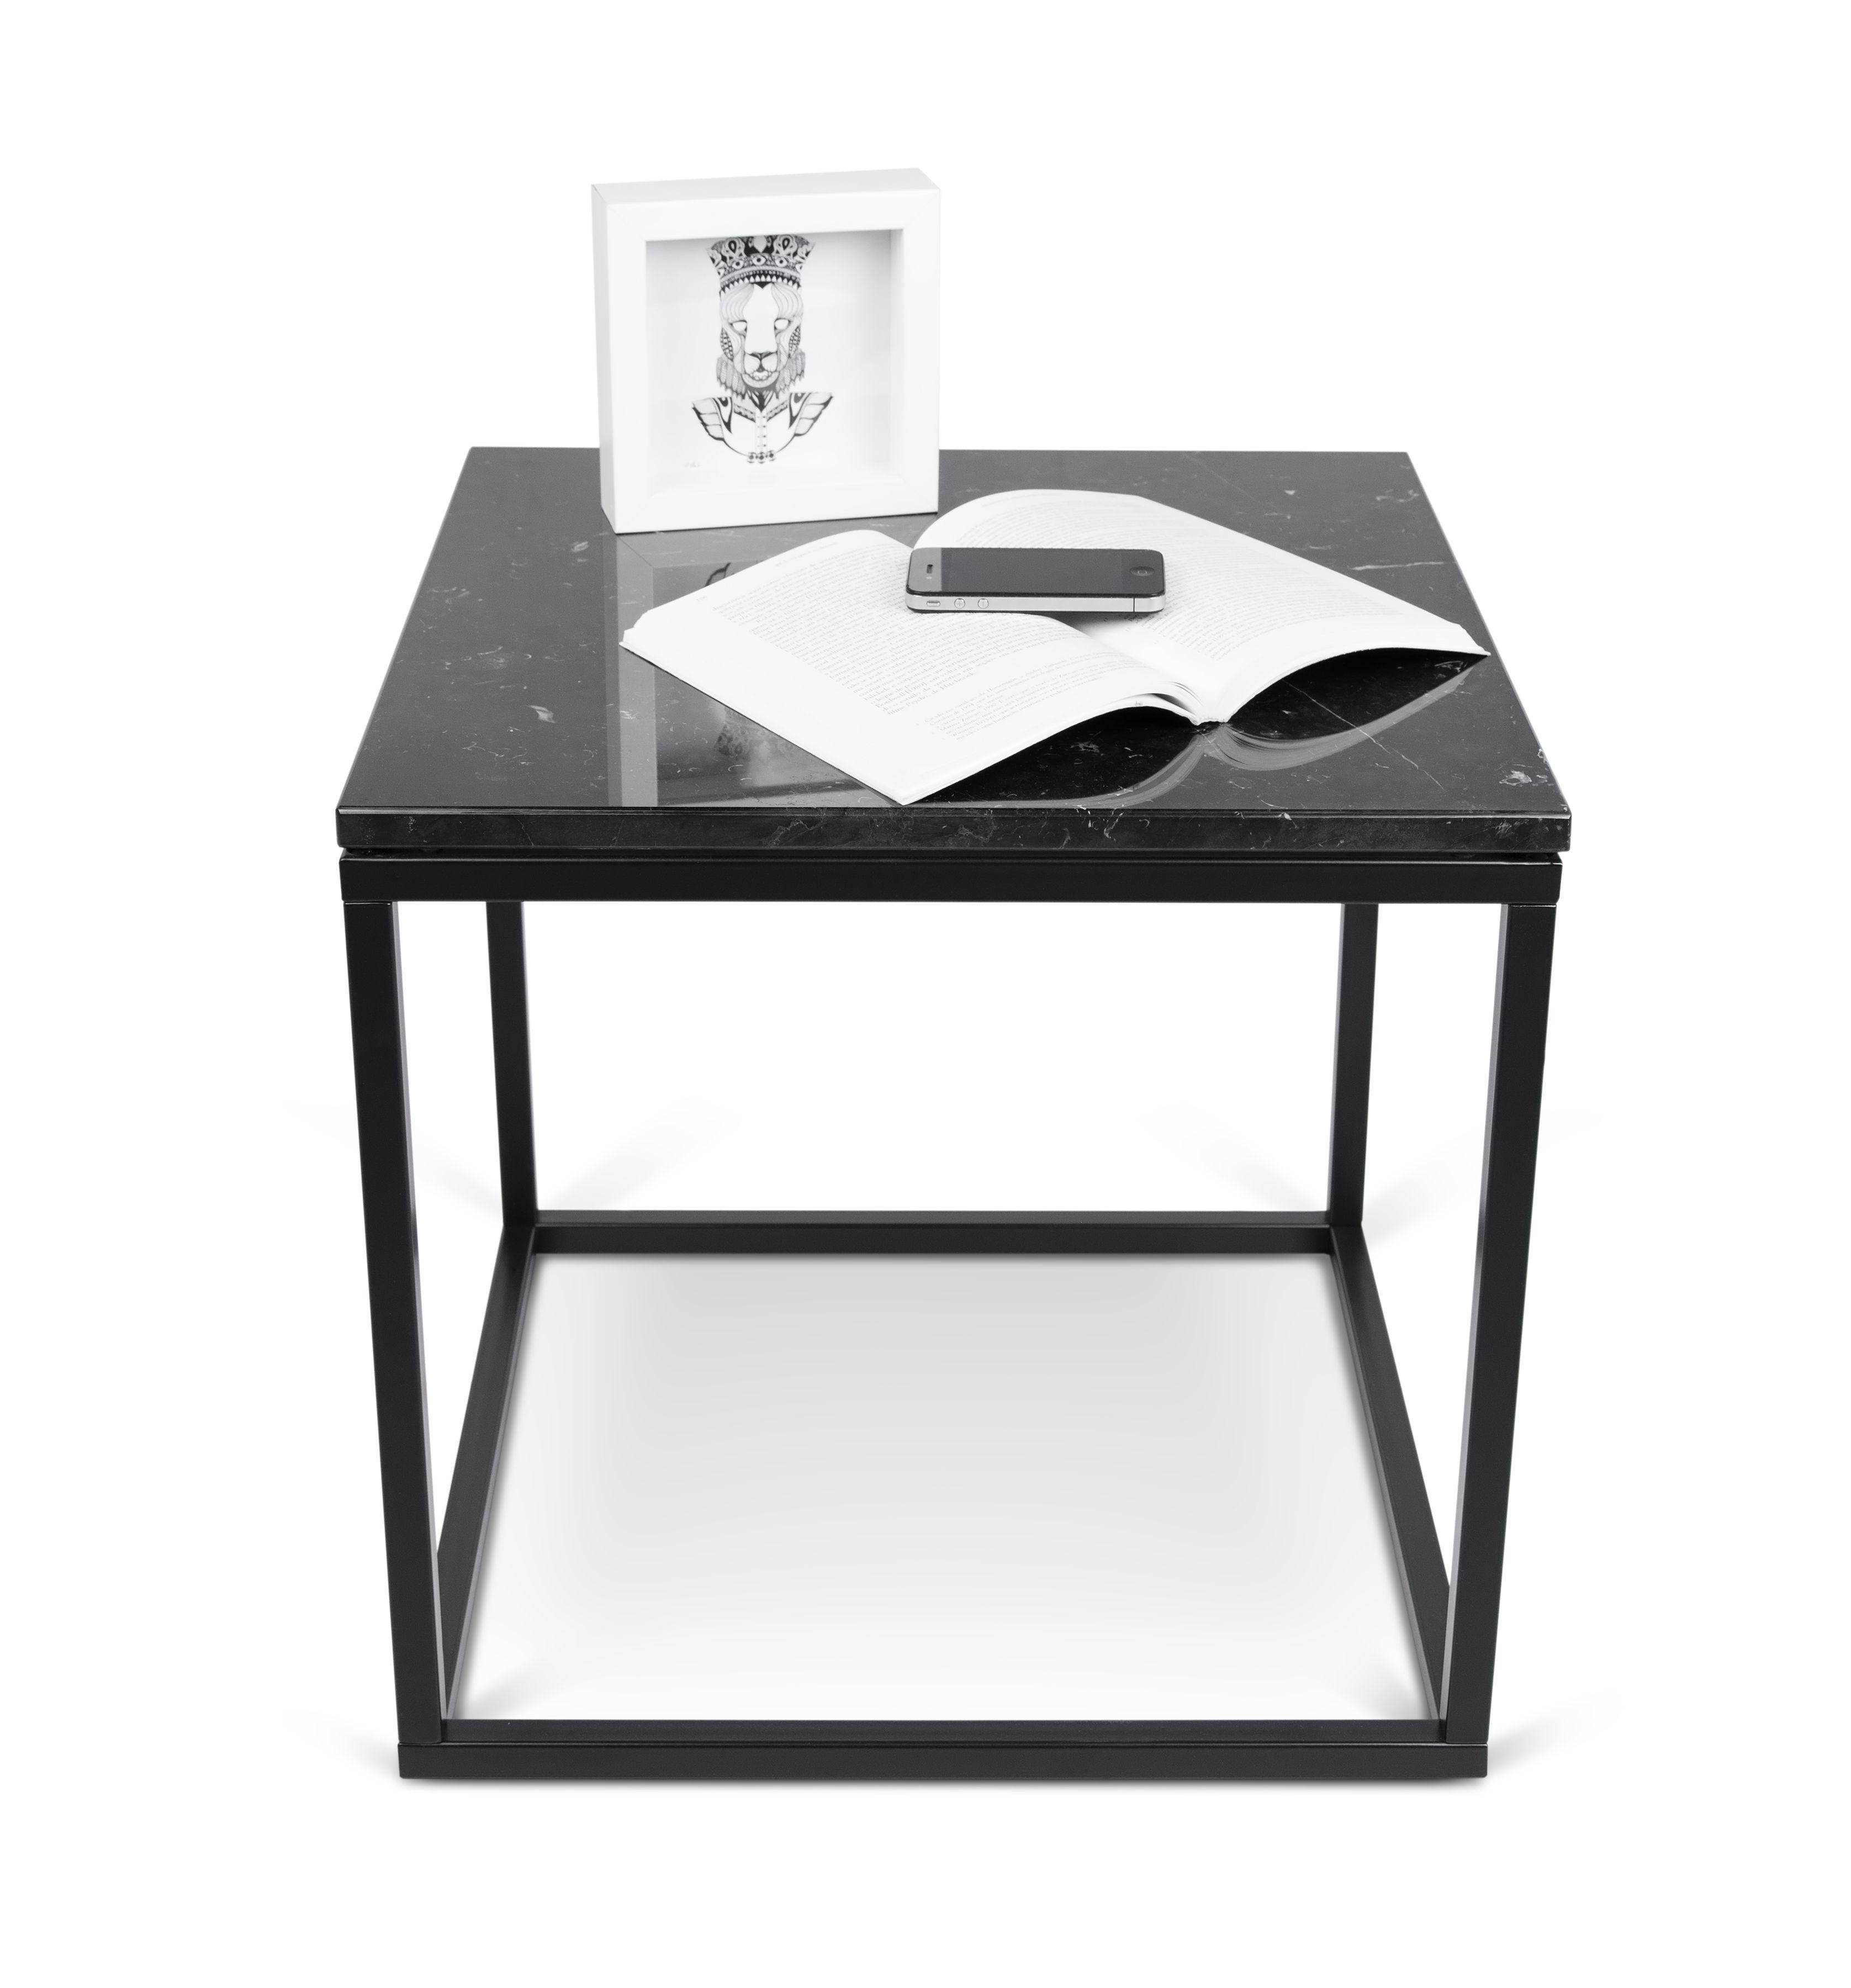 Couchtisch Marble Von Pop Up Home Tischplatte Schwarz